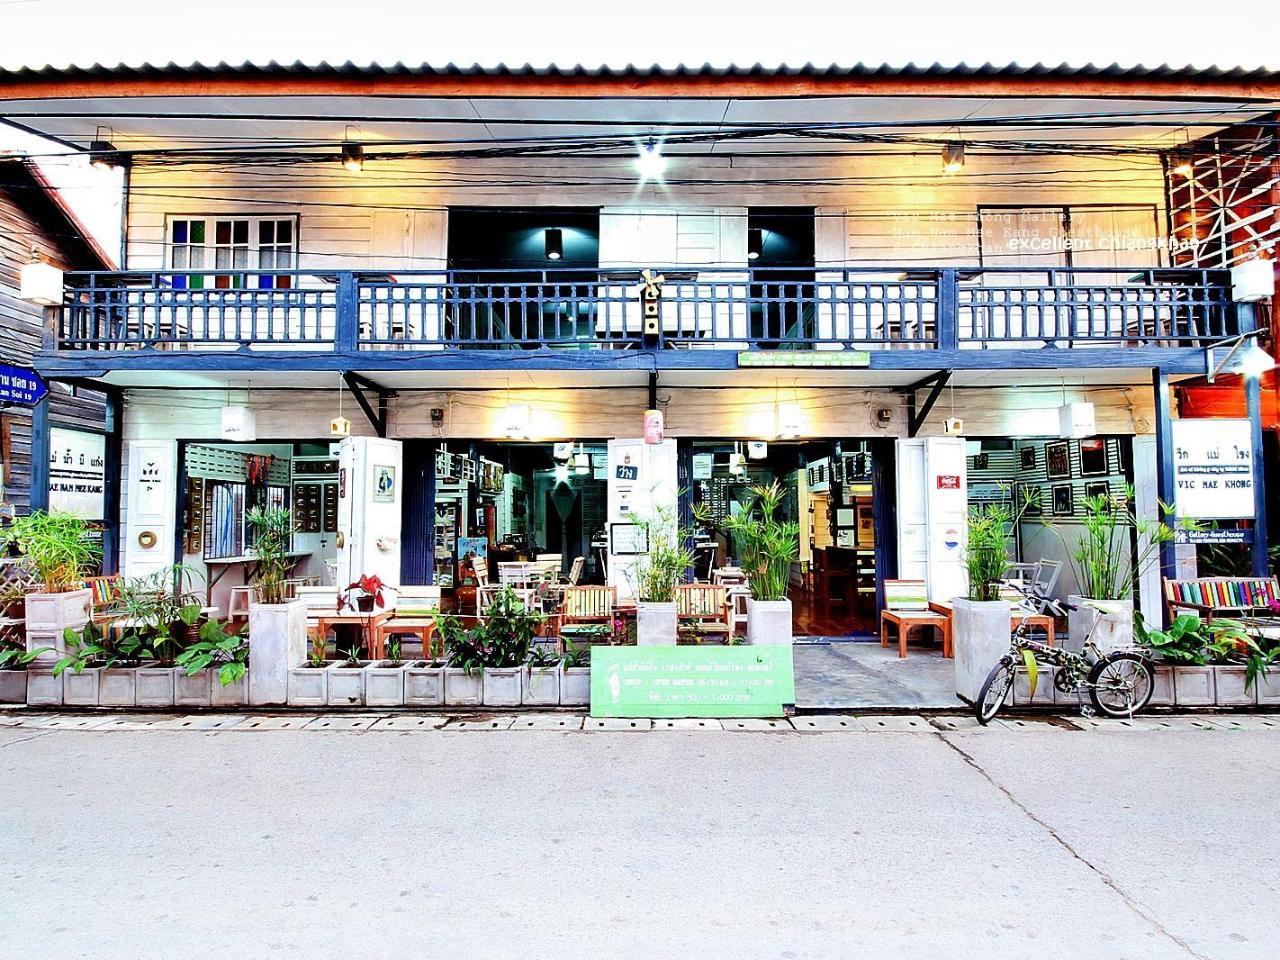 แม่น้ำมีแก่ง เกสท์เฮาส์ (Mae Nam Mee Kang Guesthouse)